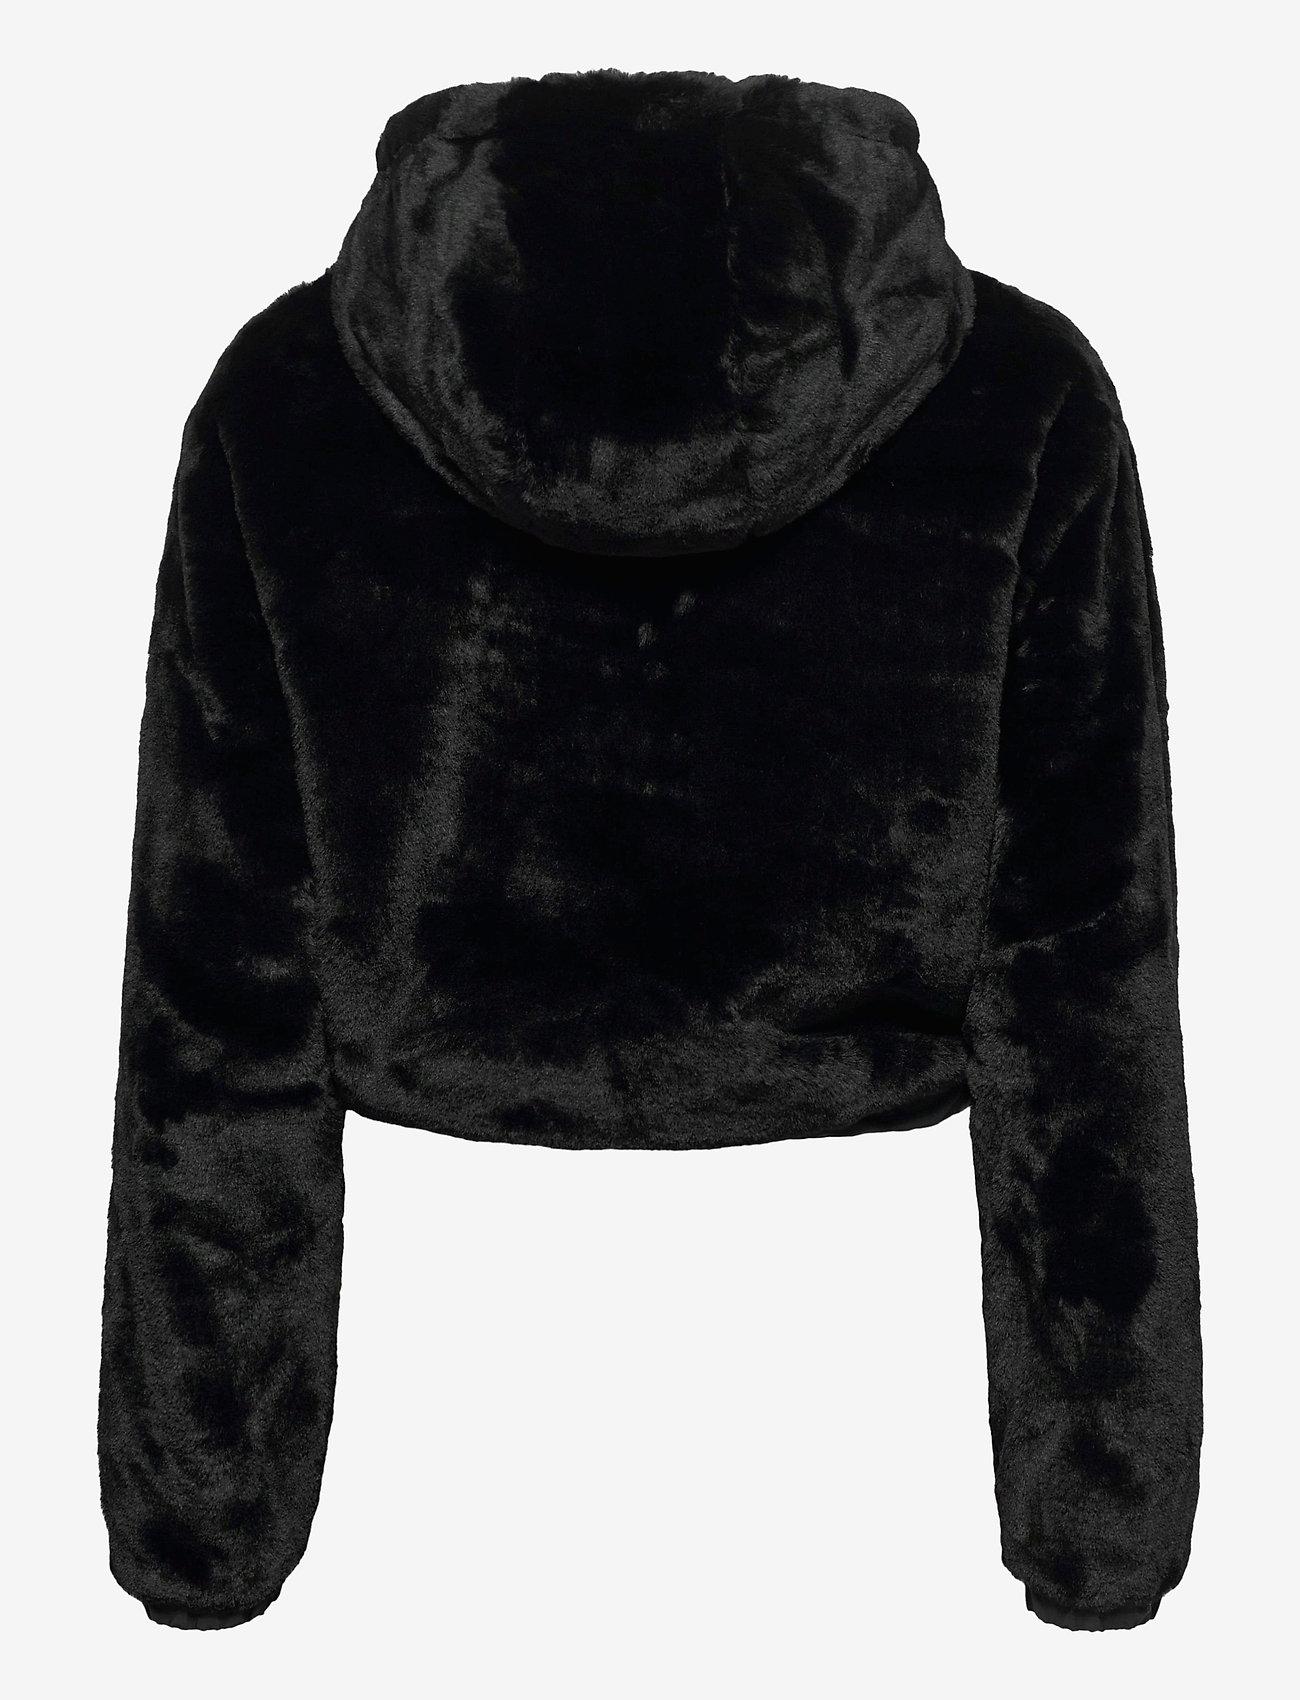 Ellesse - EL REIDI JACKET - sports jackets - black - 1